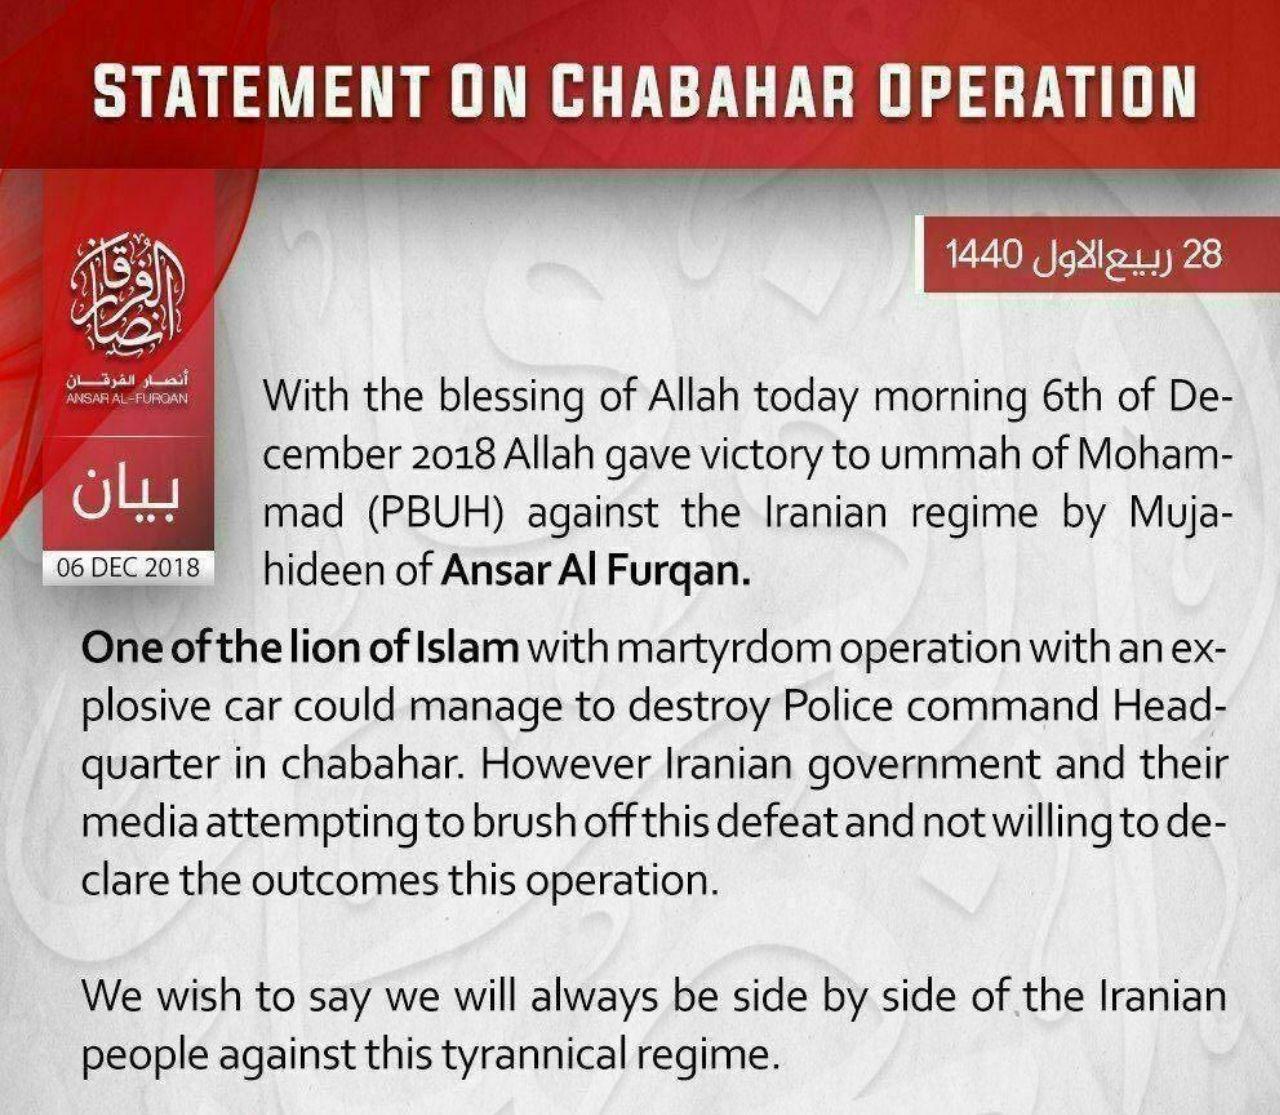 گروهک تروریستی انصارالفرقان با انتشار بیانیه به زبان انگلیسی مسئولیت حمله انتحاری امروز چابهار را به عهده گرفت.